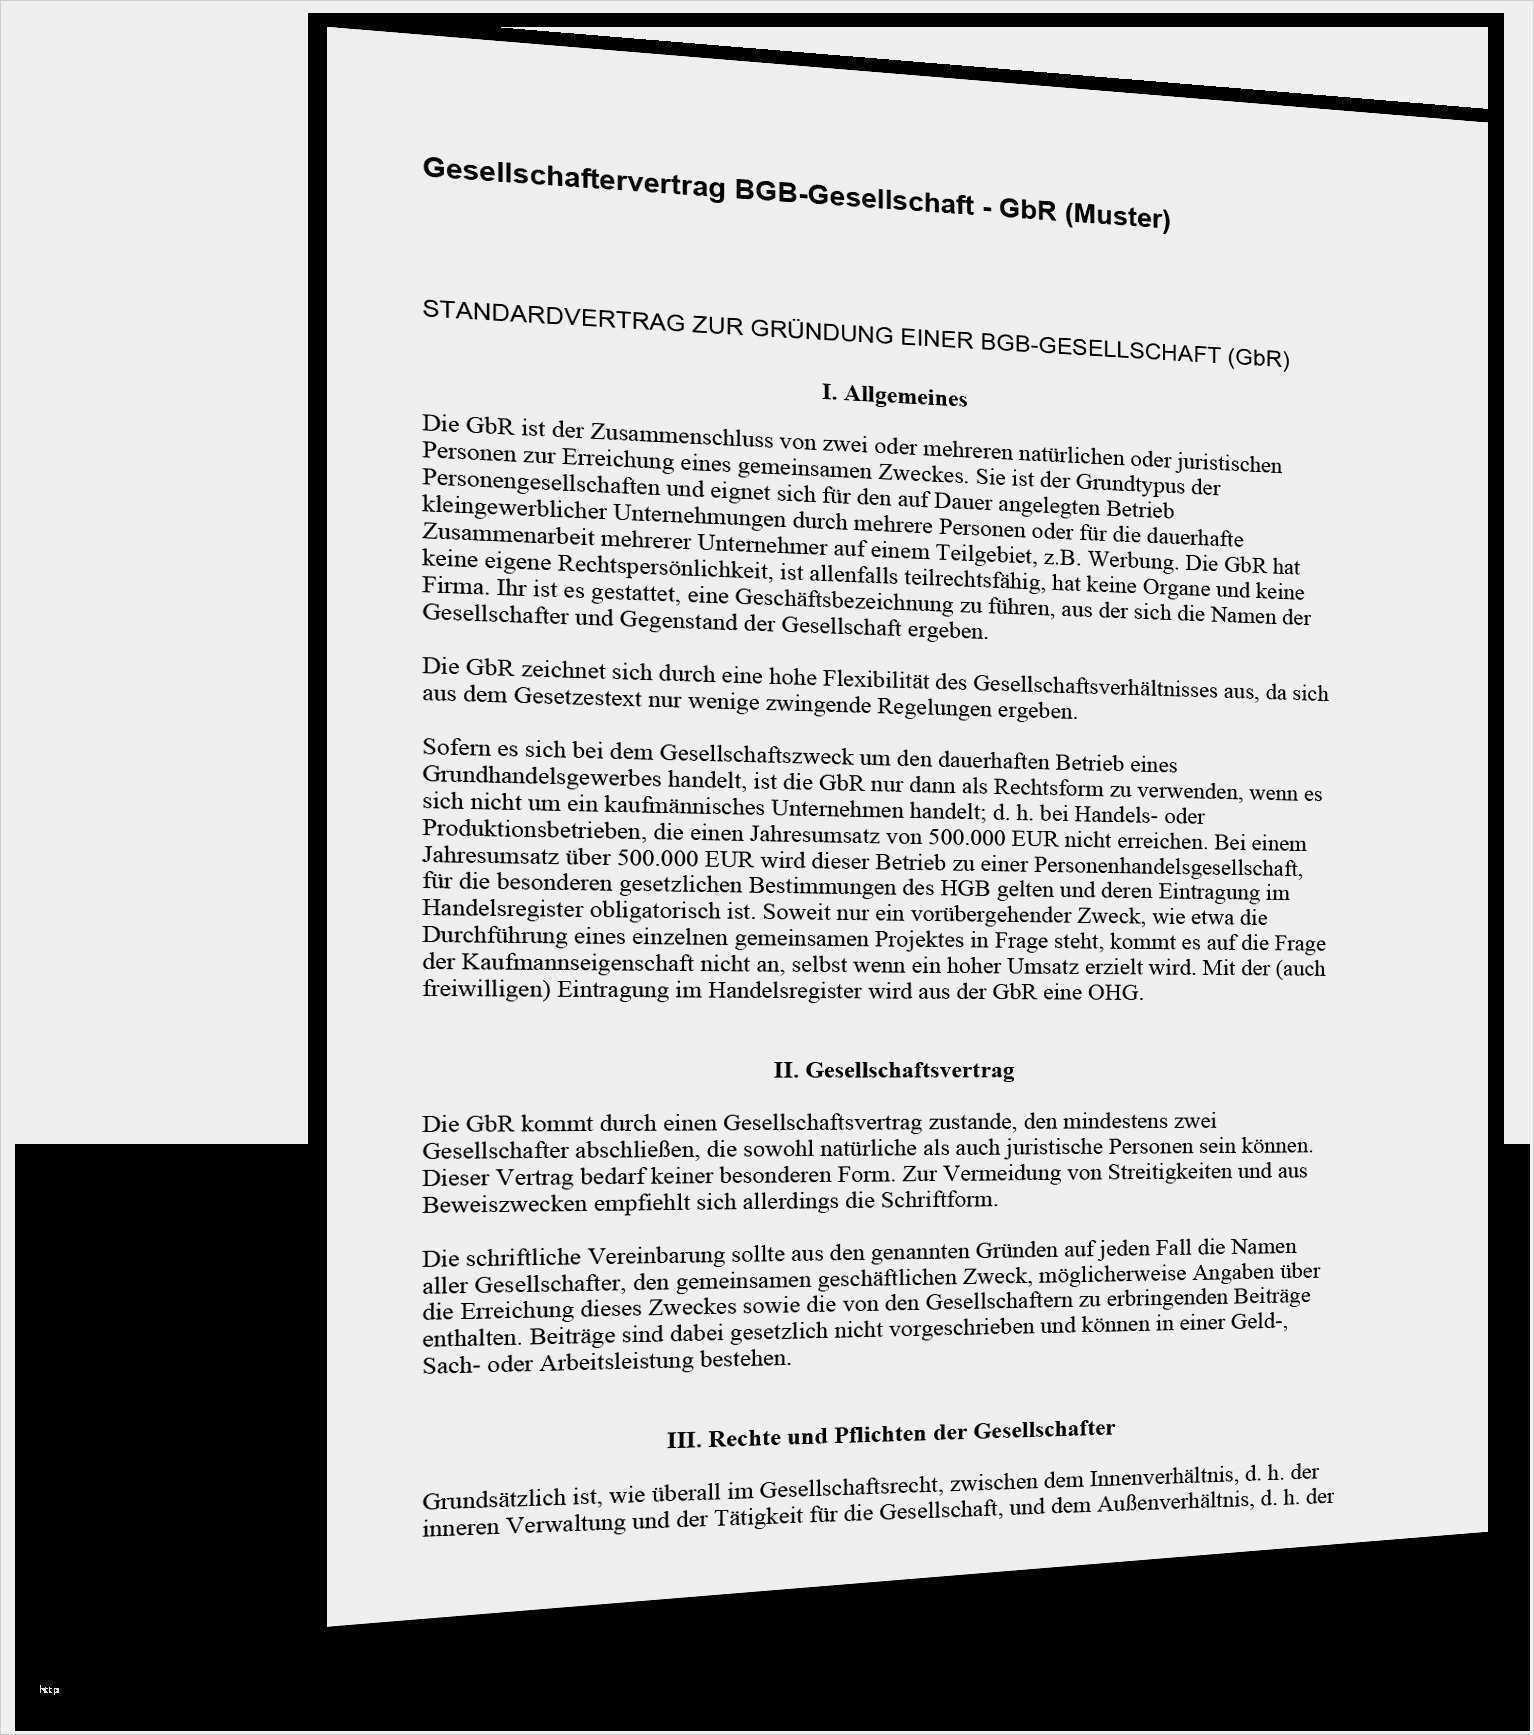 37 Gut Ubernahme Kuche Vormieter Vertrag Vorlage Abbildung Vorlagen Vertrag Anschreiben Vorlage